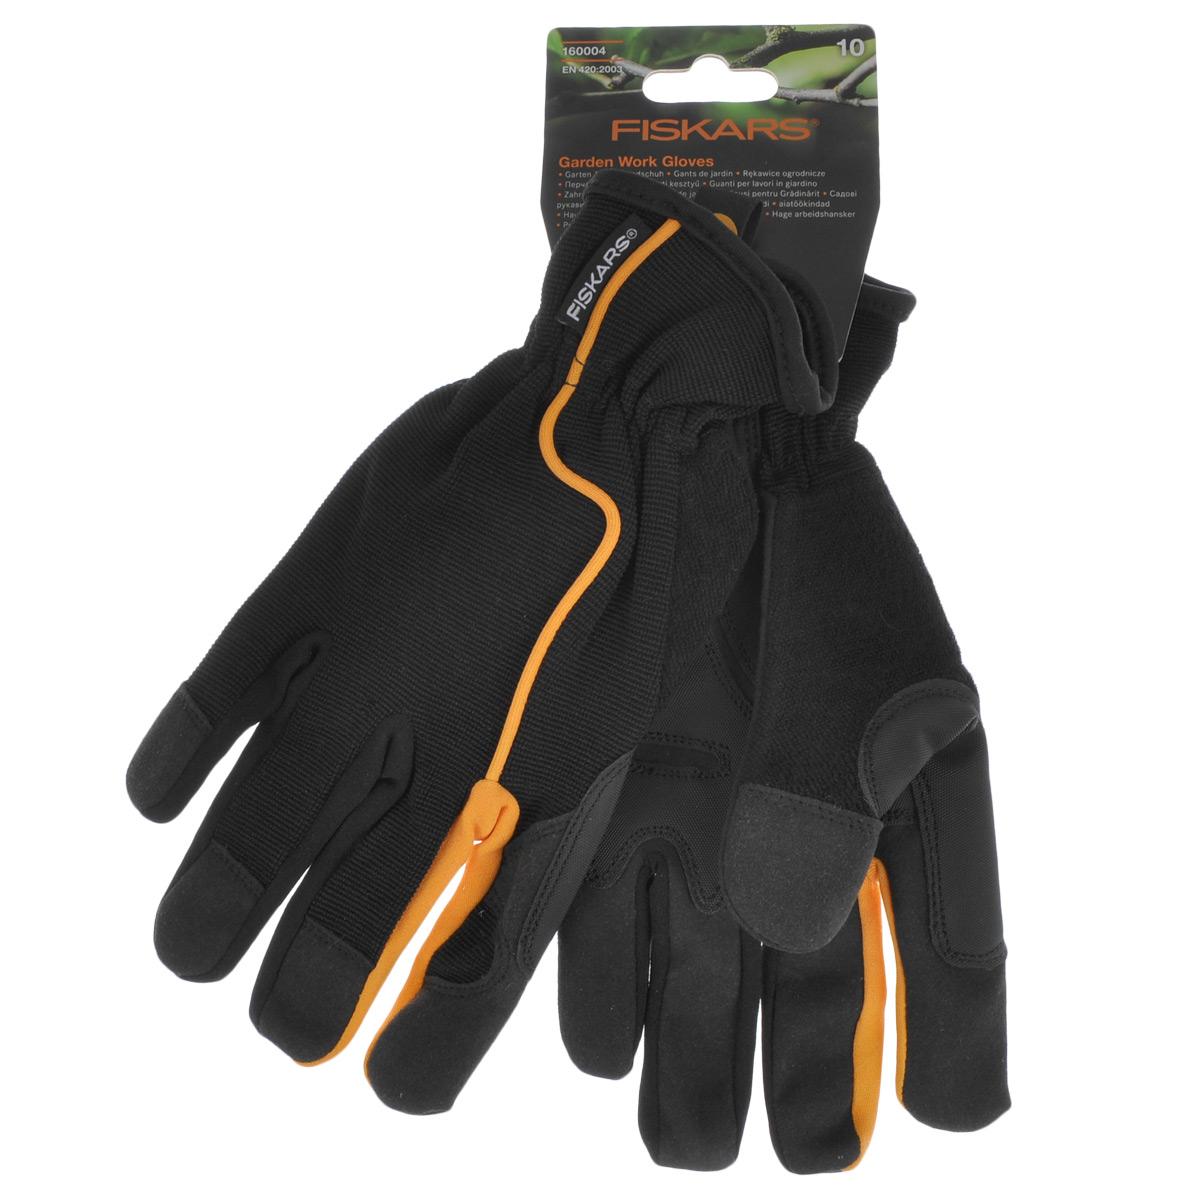 Перчатки садовые Fiskars, цвет: черный, оранжевый. Размер 10VCA-00Перчатки Fiskars изготовлены из текстиля с вставками искусственной замши и резины. Они предназначены для защиты рук от повреждений. Перчатки не сковывают движения кистей рук и обеспечивают доступ воздуха. На ладонях имеется противоскользящие вставки для надежного захвата. Манжеты на резинке плотно обхватывают запястья. Мягкие перчатки удобно сидят по руке, не соскальзывая и не отвлекая от работы.